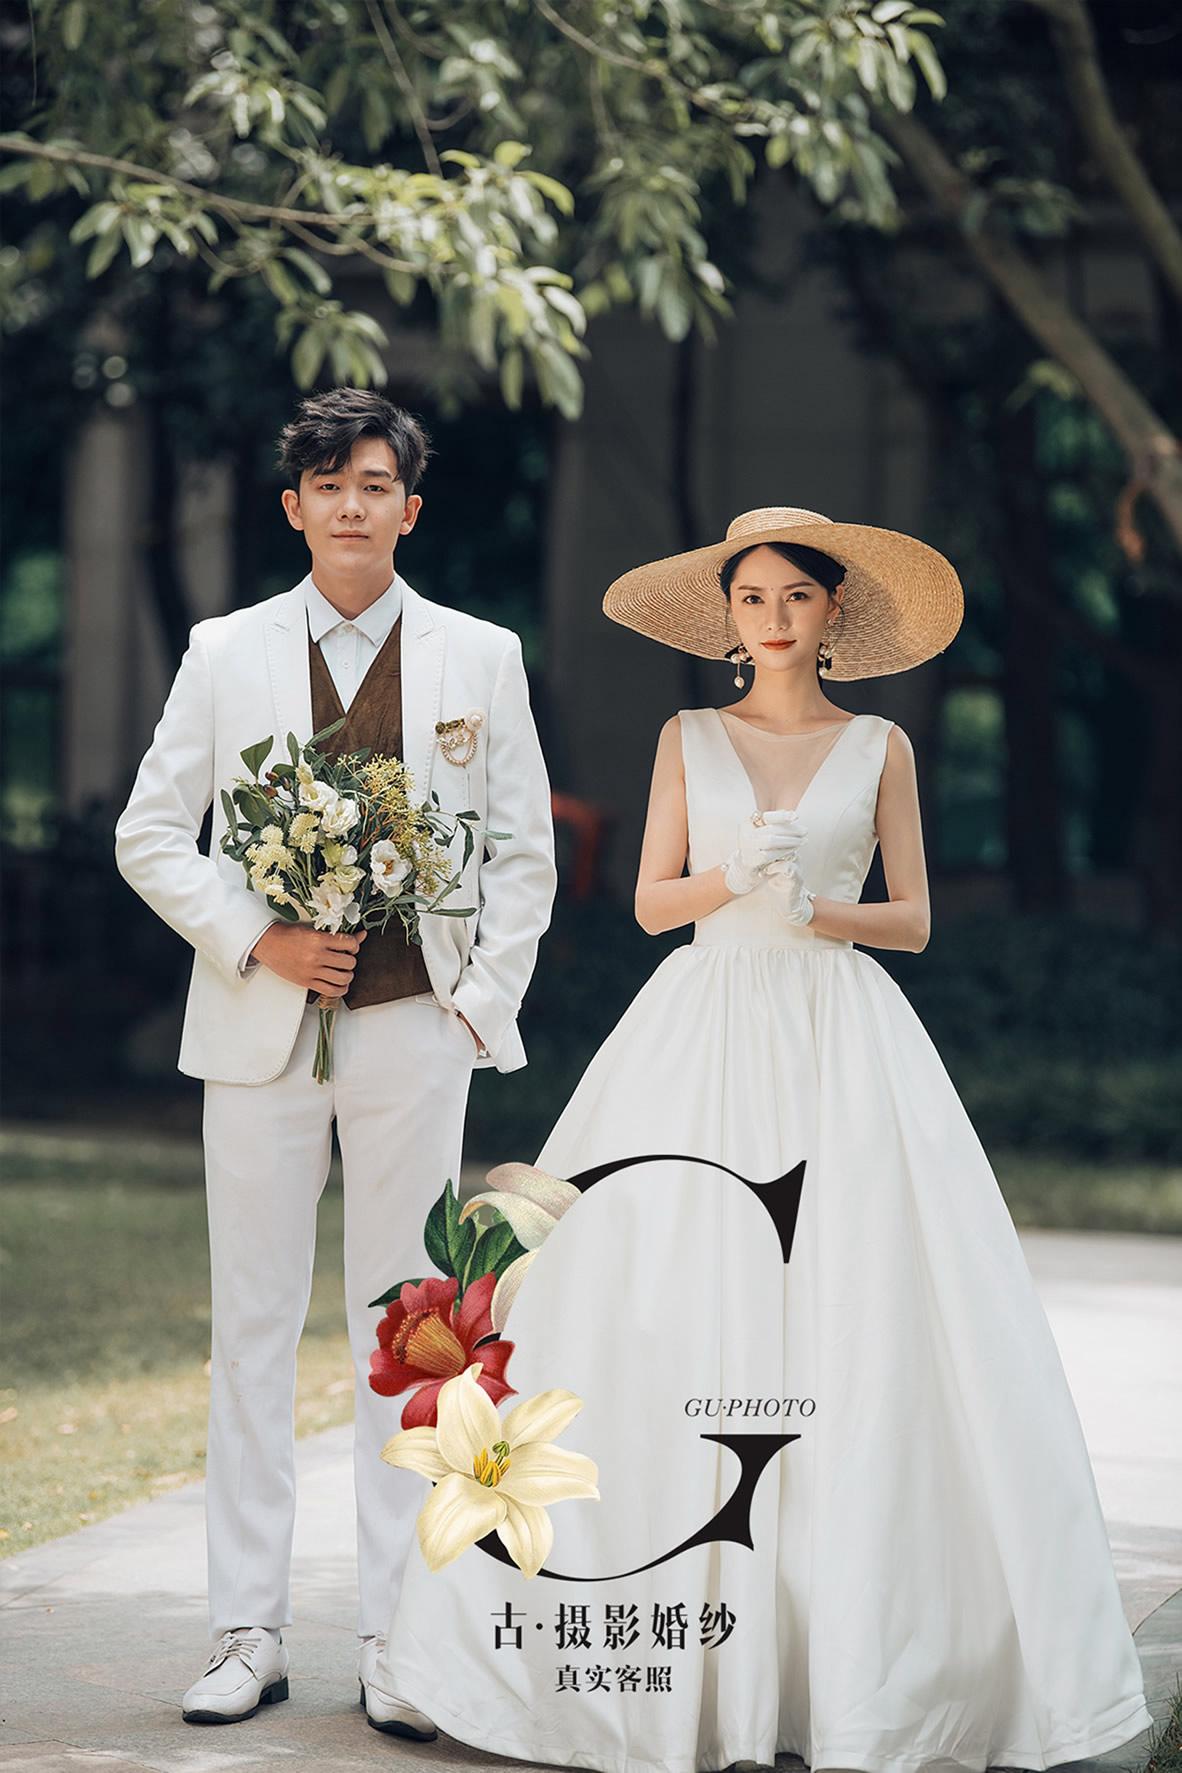 郭小姐夫妇 - 每日客照 - 古摄影婚纱艺术-古摄影成都婚纱摄影艺术摄影网